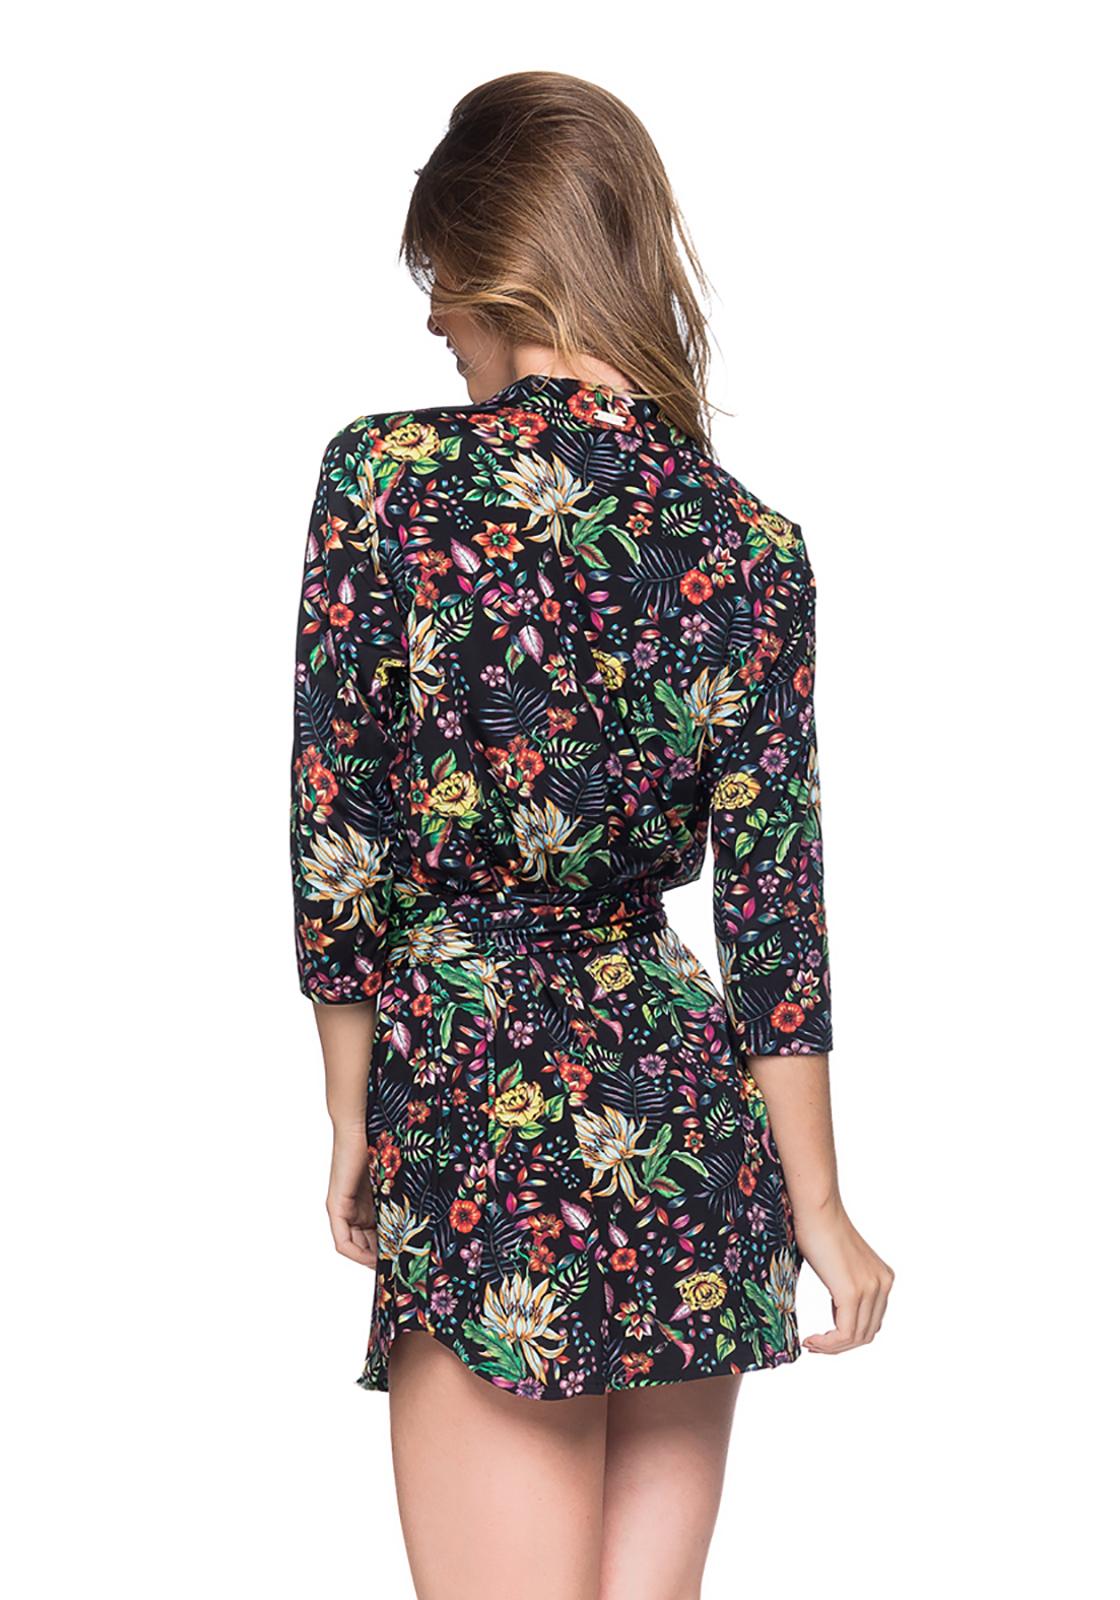 483072b8659 ... Shirt beach dress with 3 4 sleeves - black floral print - CHEMISE FAIXA  DREAM